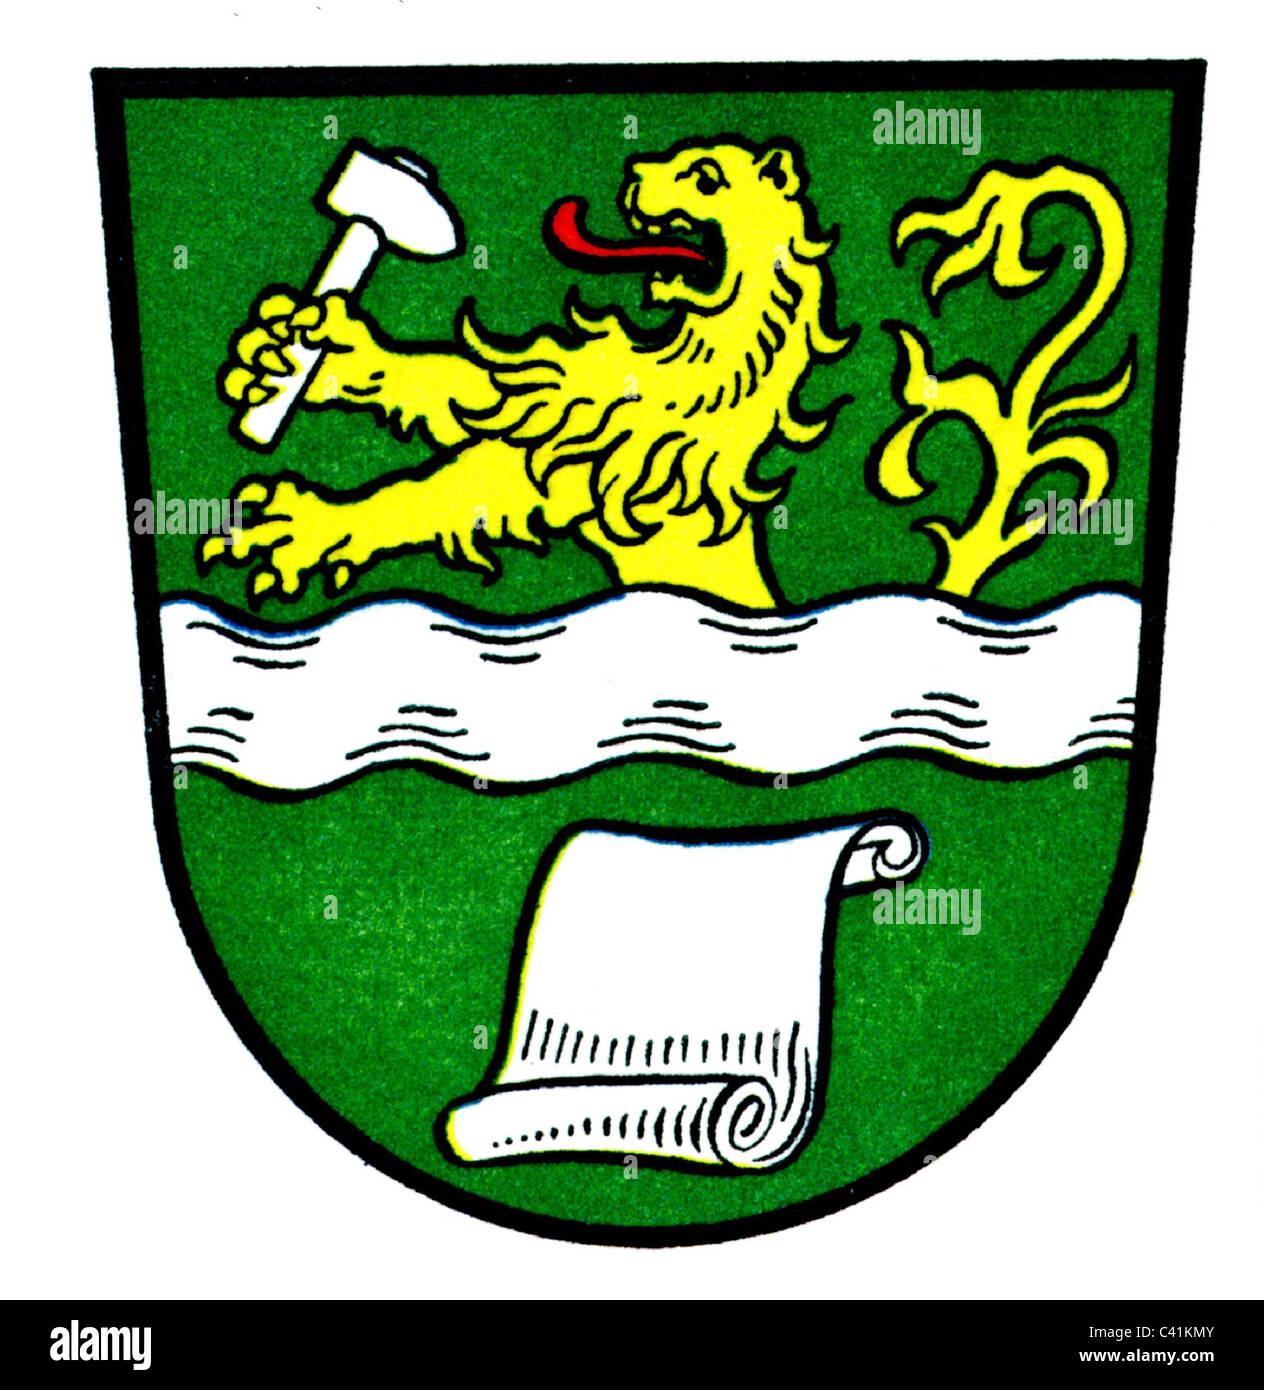 wappen embleme bergisch gladbach stadtwappen 1905 1977 zusatz rechteklarung nicht vorhanden stockfotografie alamy